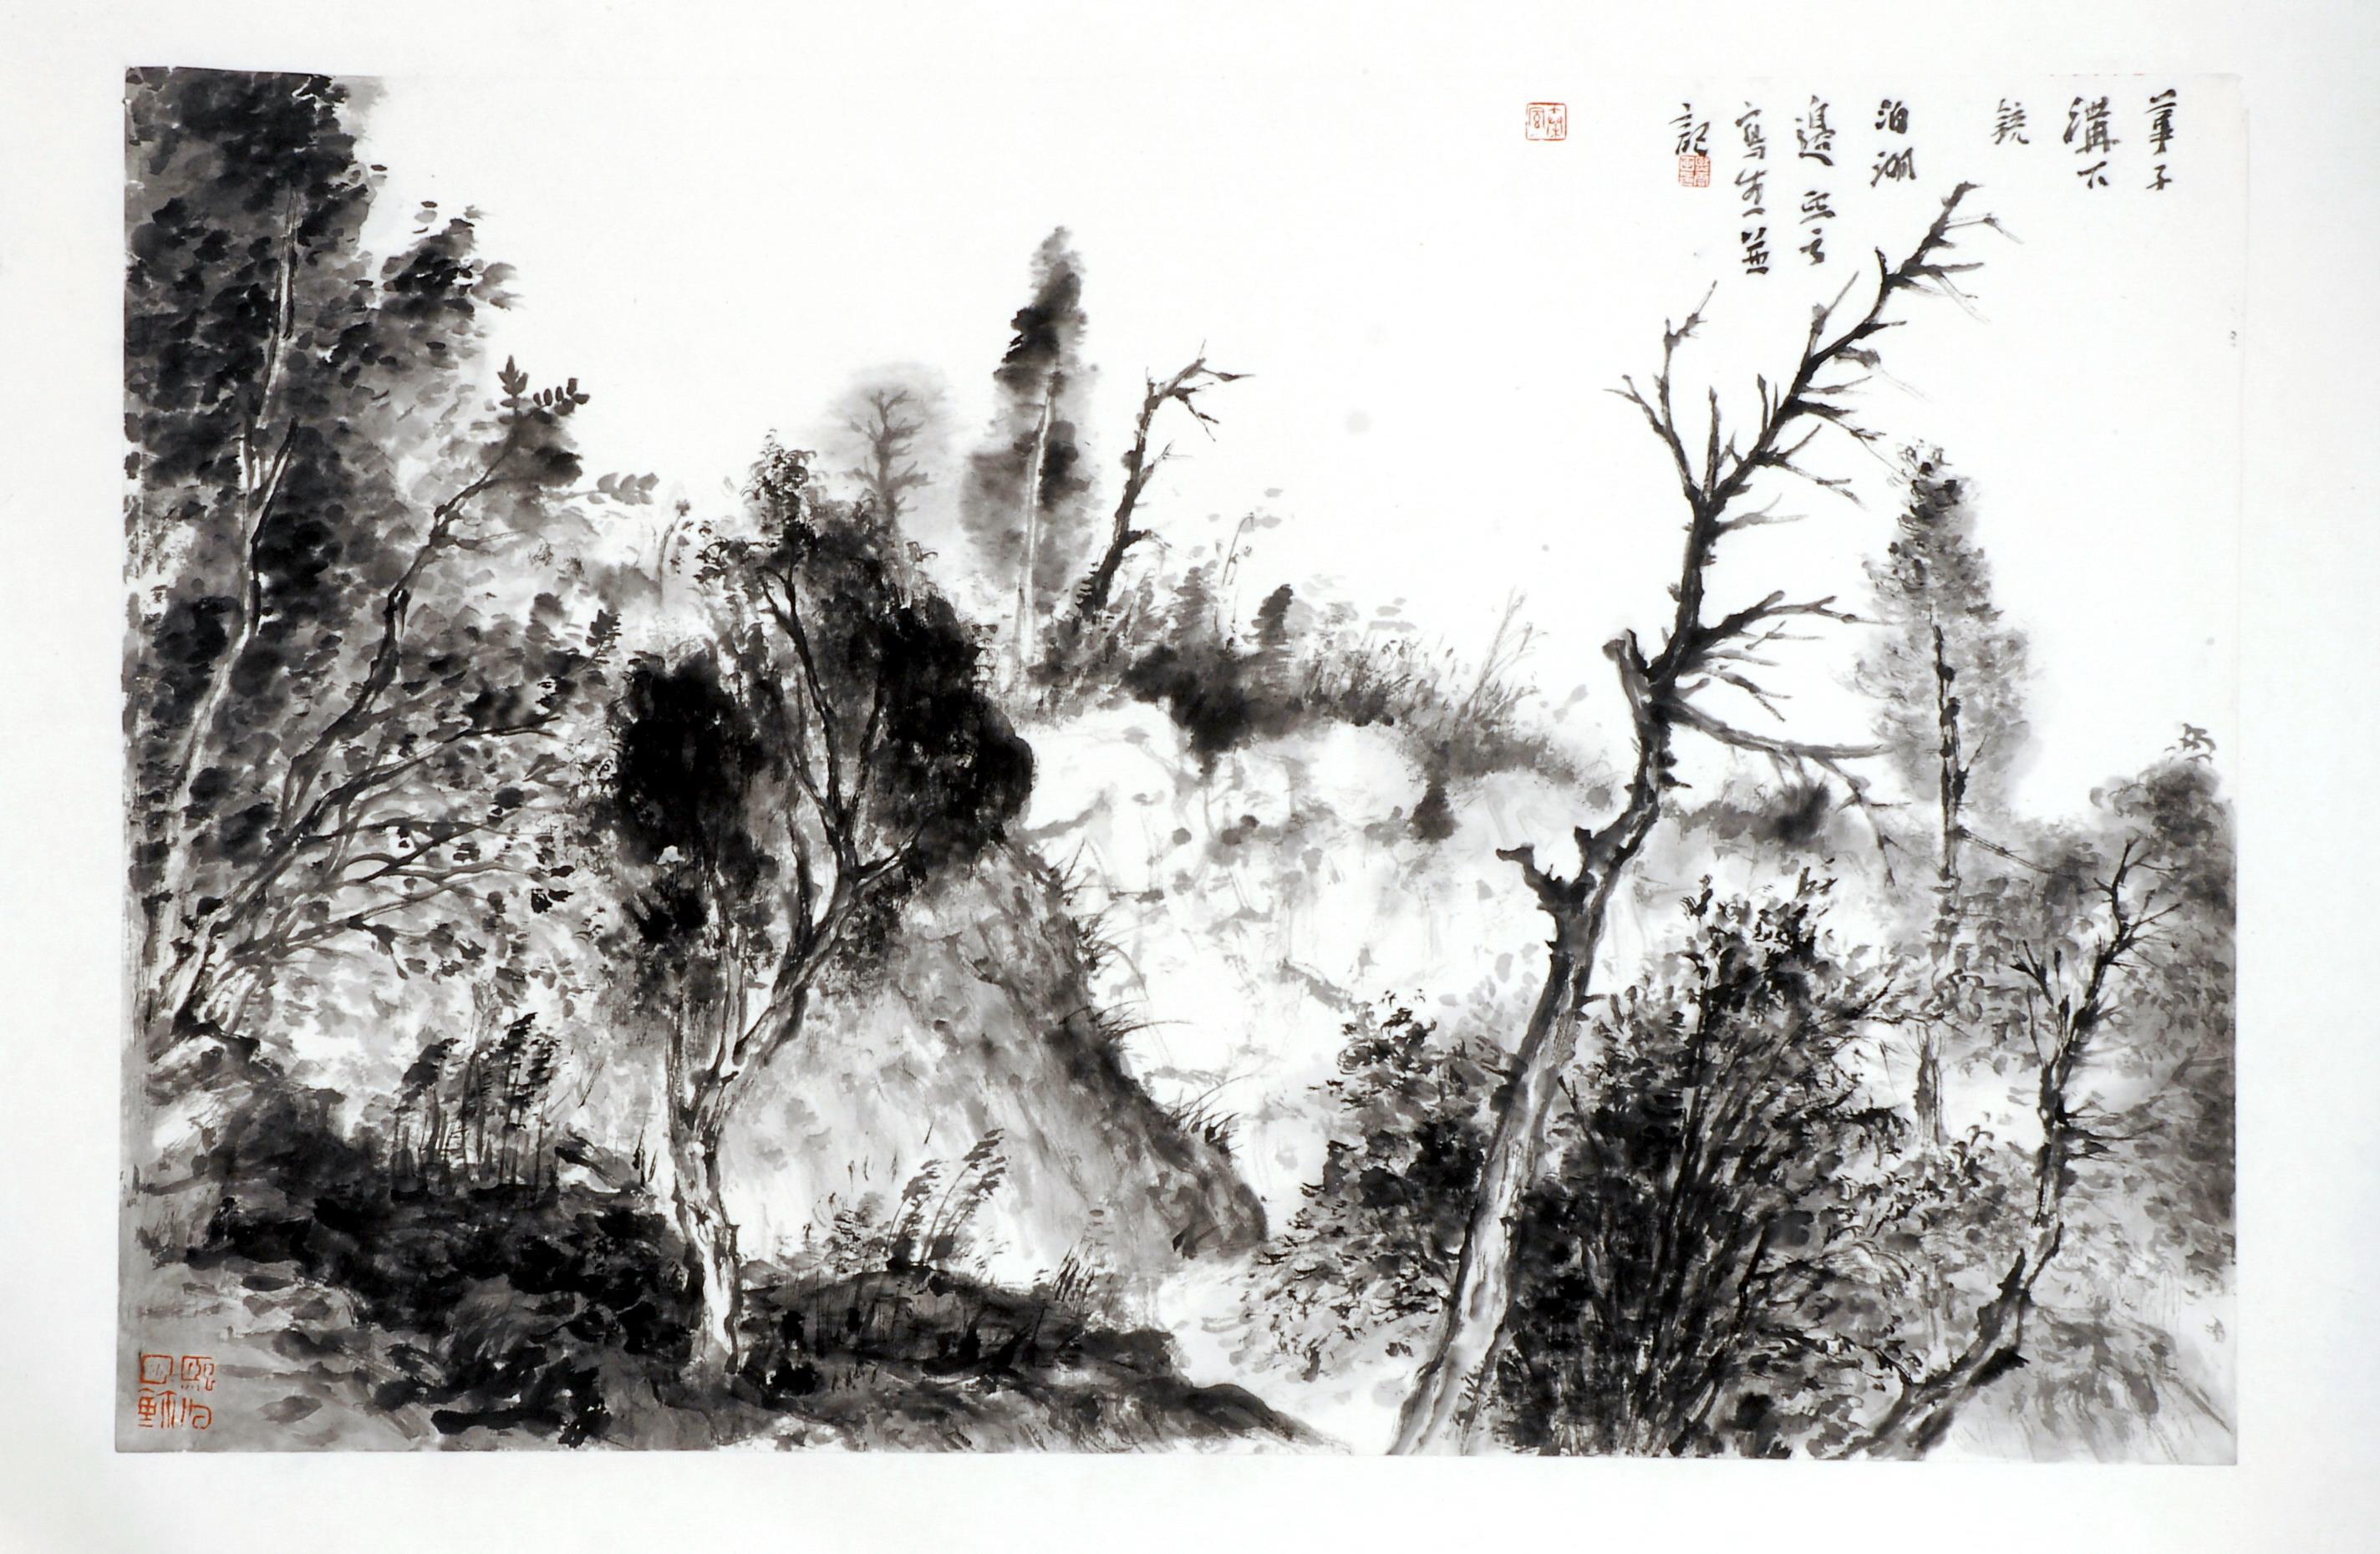 山水世界是非常独特的,他来自国画艺术家付熙云的笔下,独特的黑白转换图片